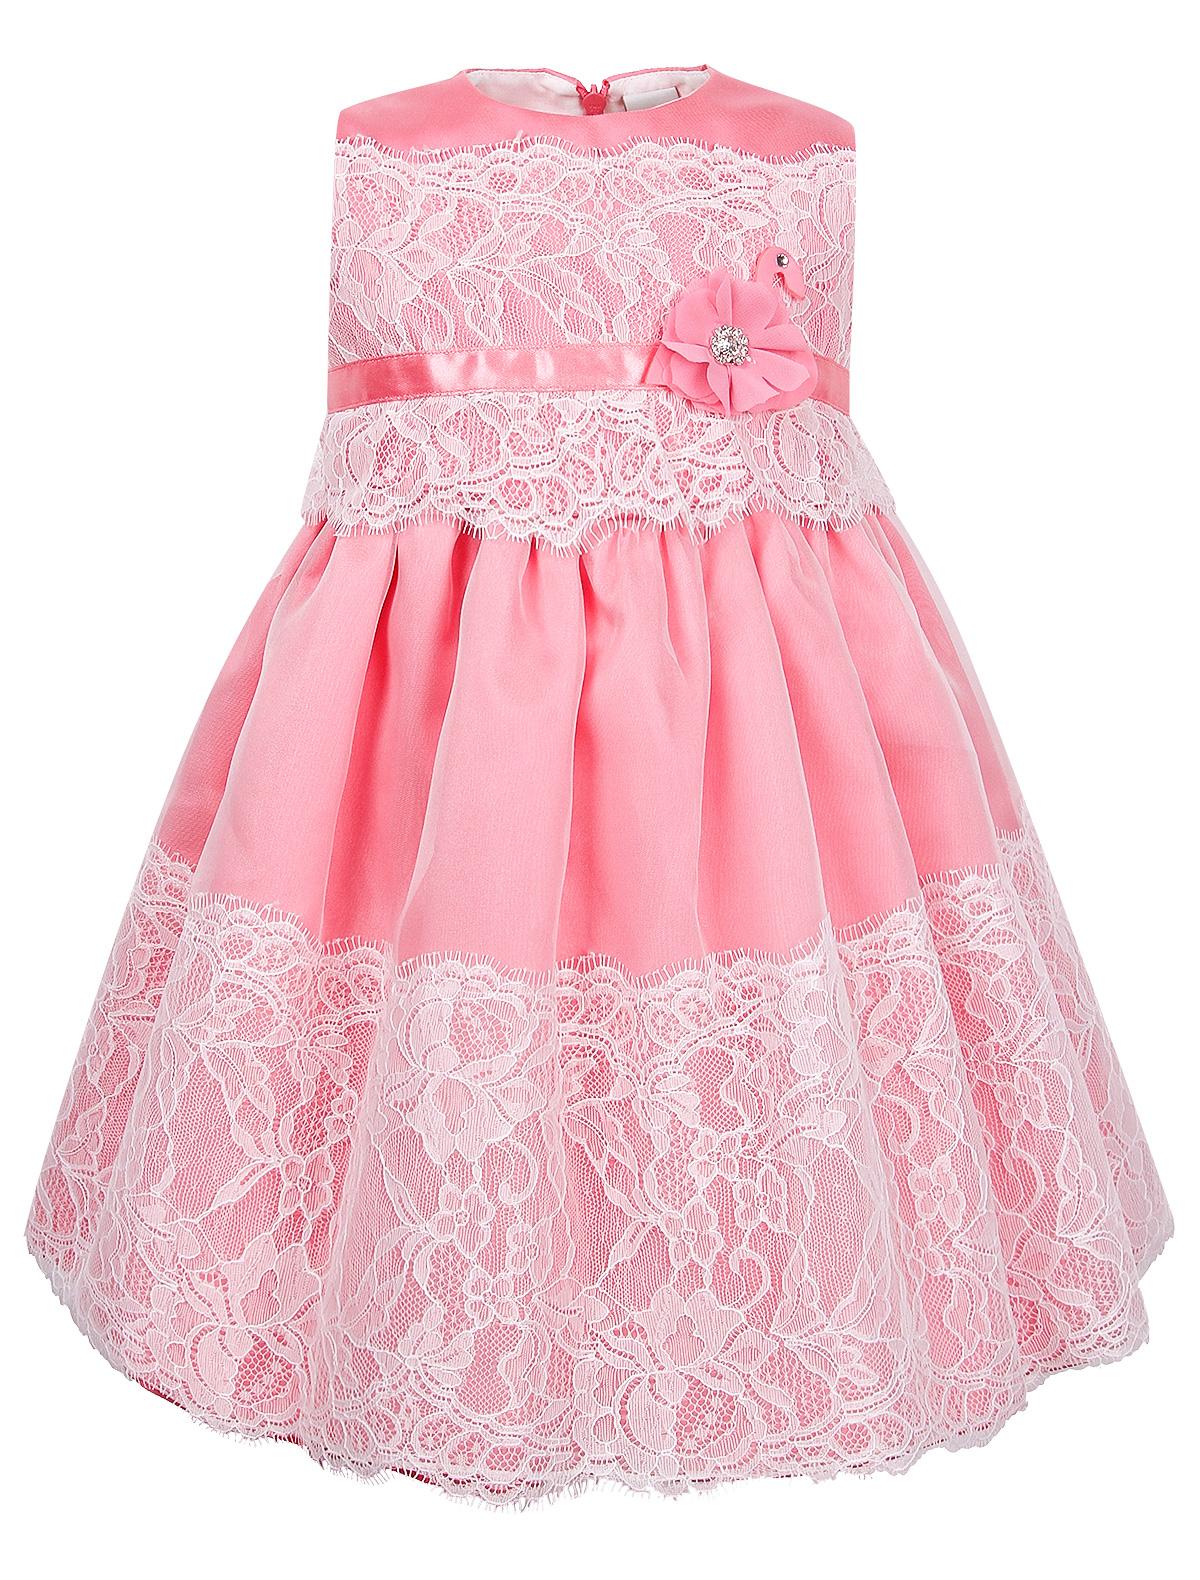 Купить 1956684, Платье Marlu, розовый, Женский, 1052609970306